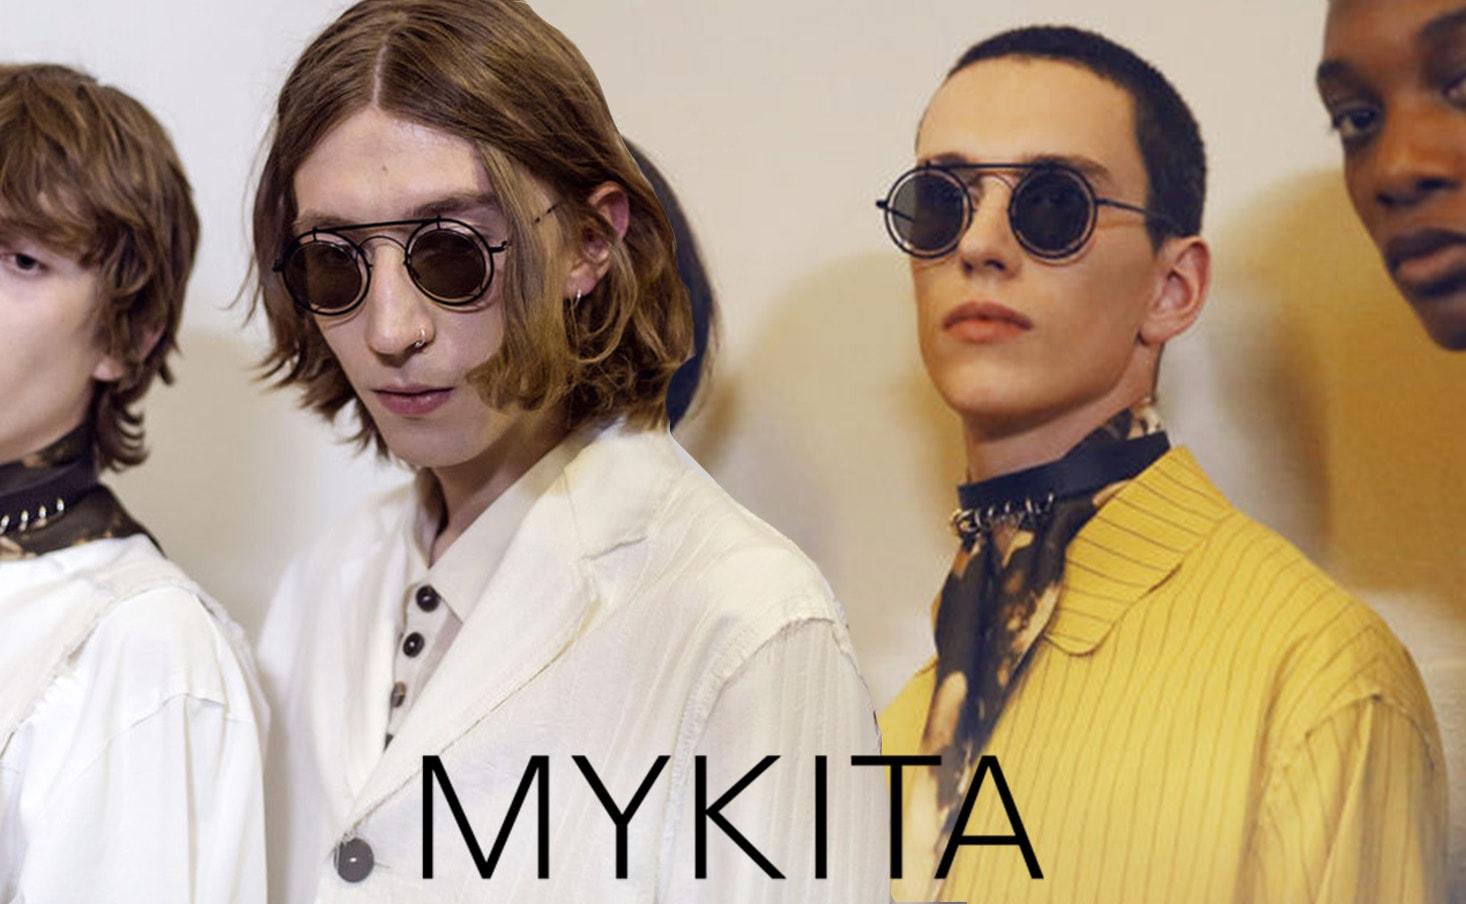 mykita 18-19AW